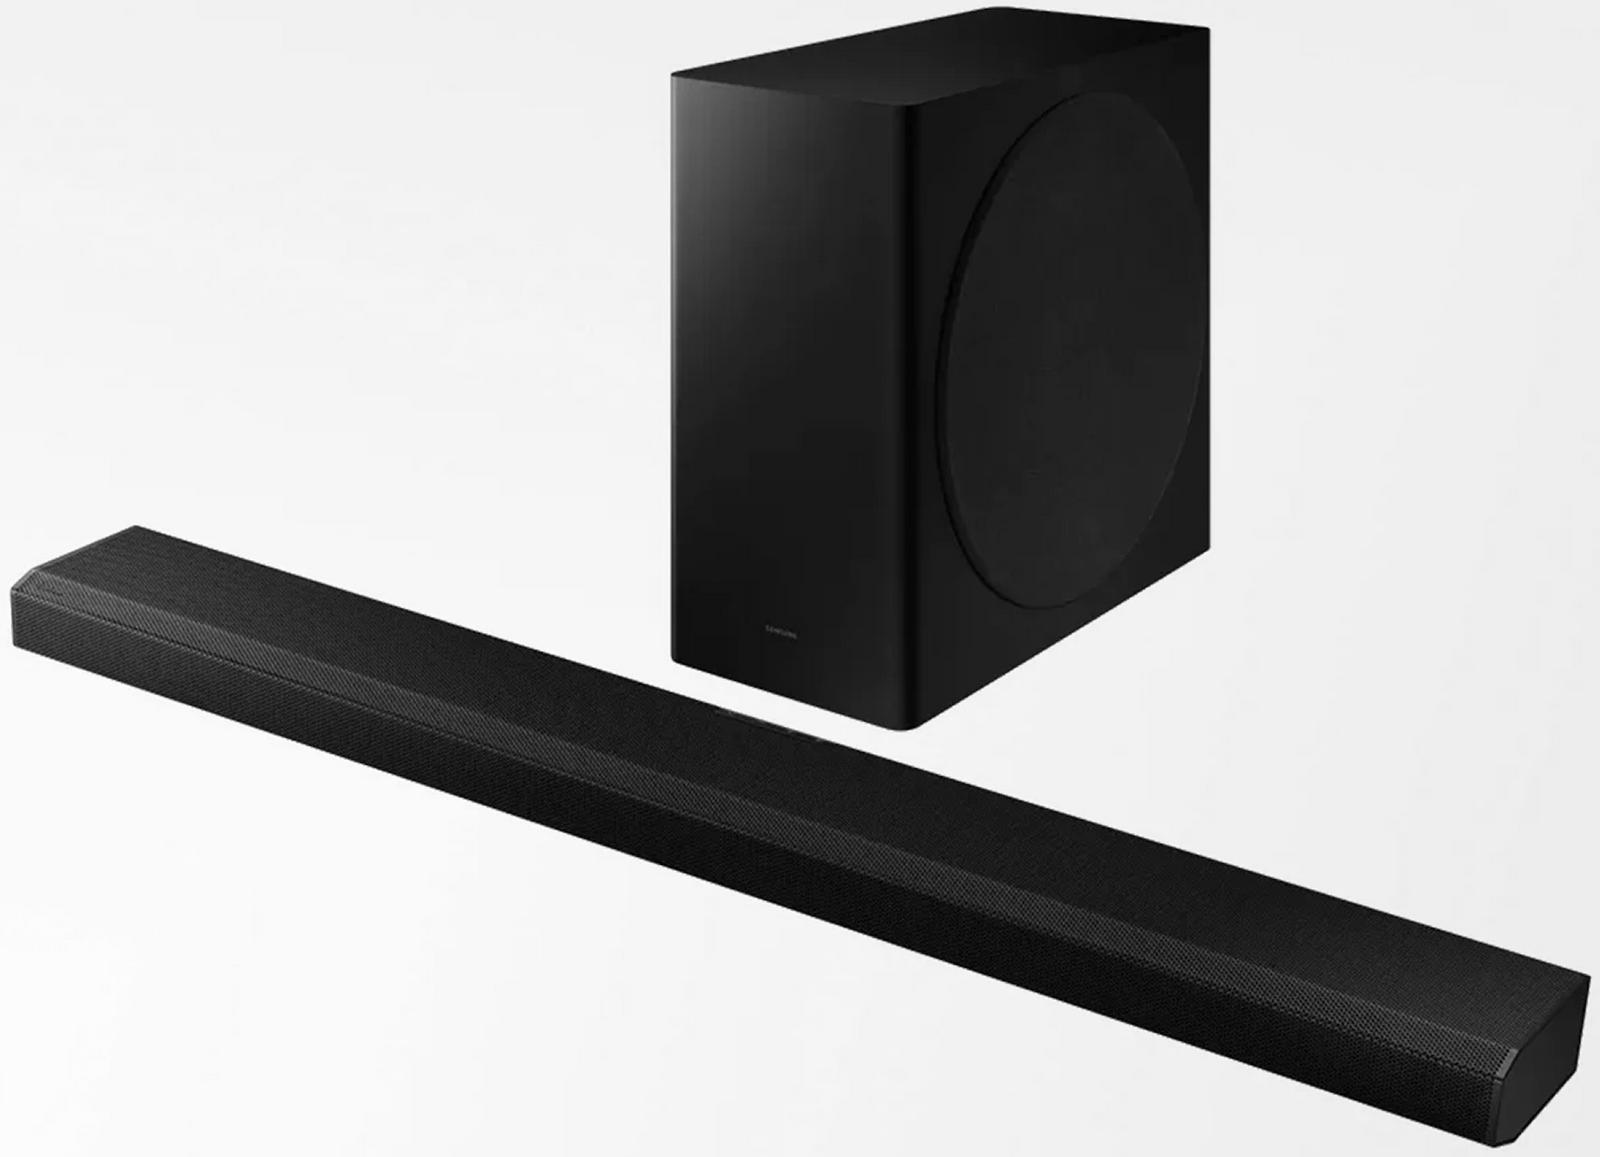 Samsung-HW-Q800A-Soundbar.png